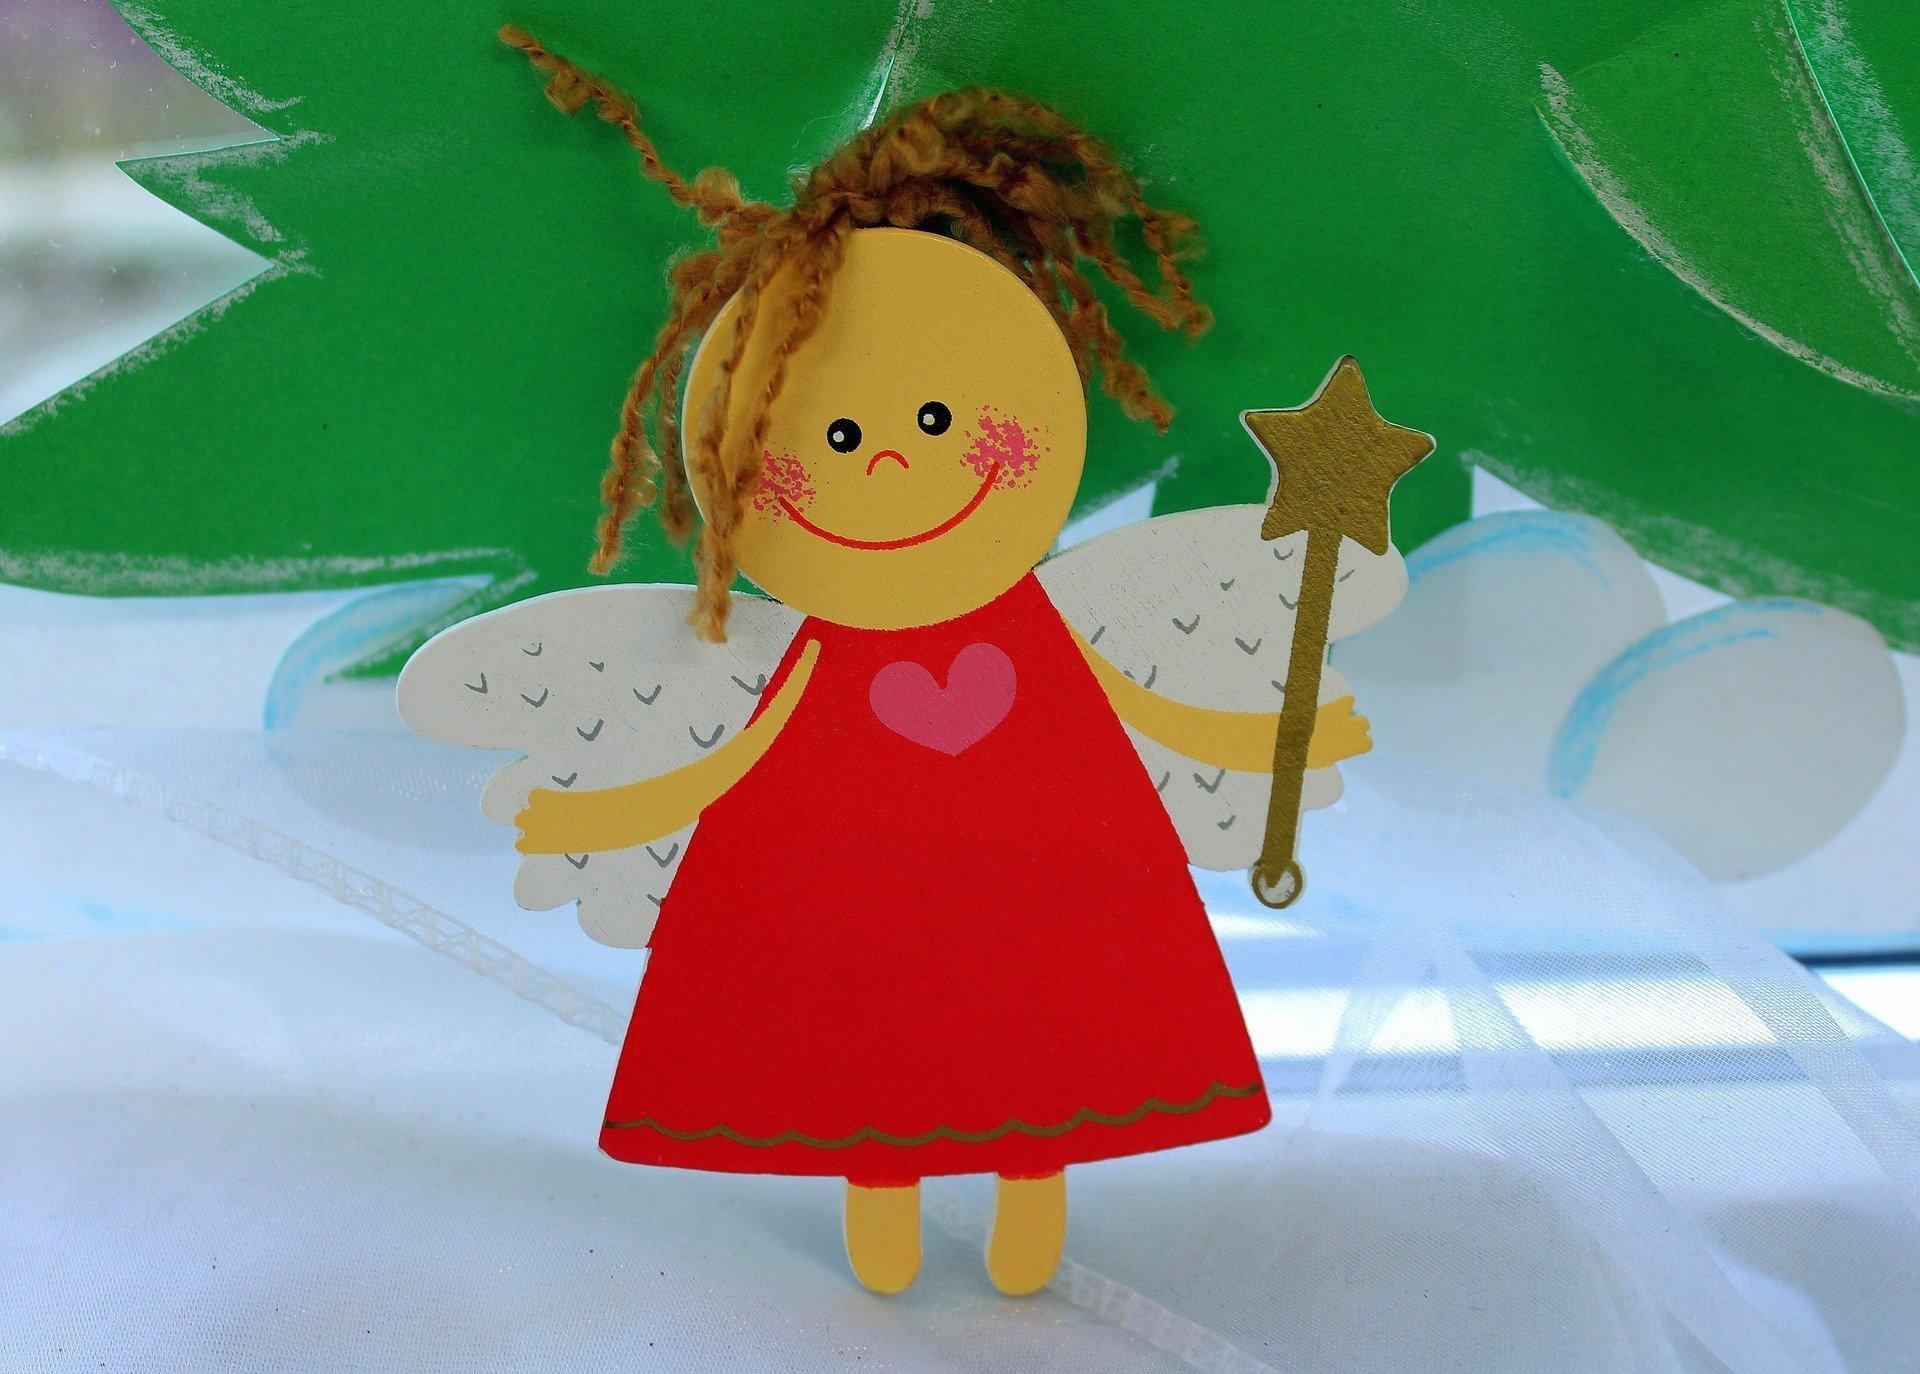 Wierszyk religijny dla dzieci o aniołku